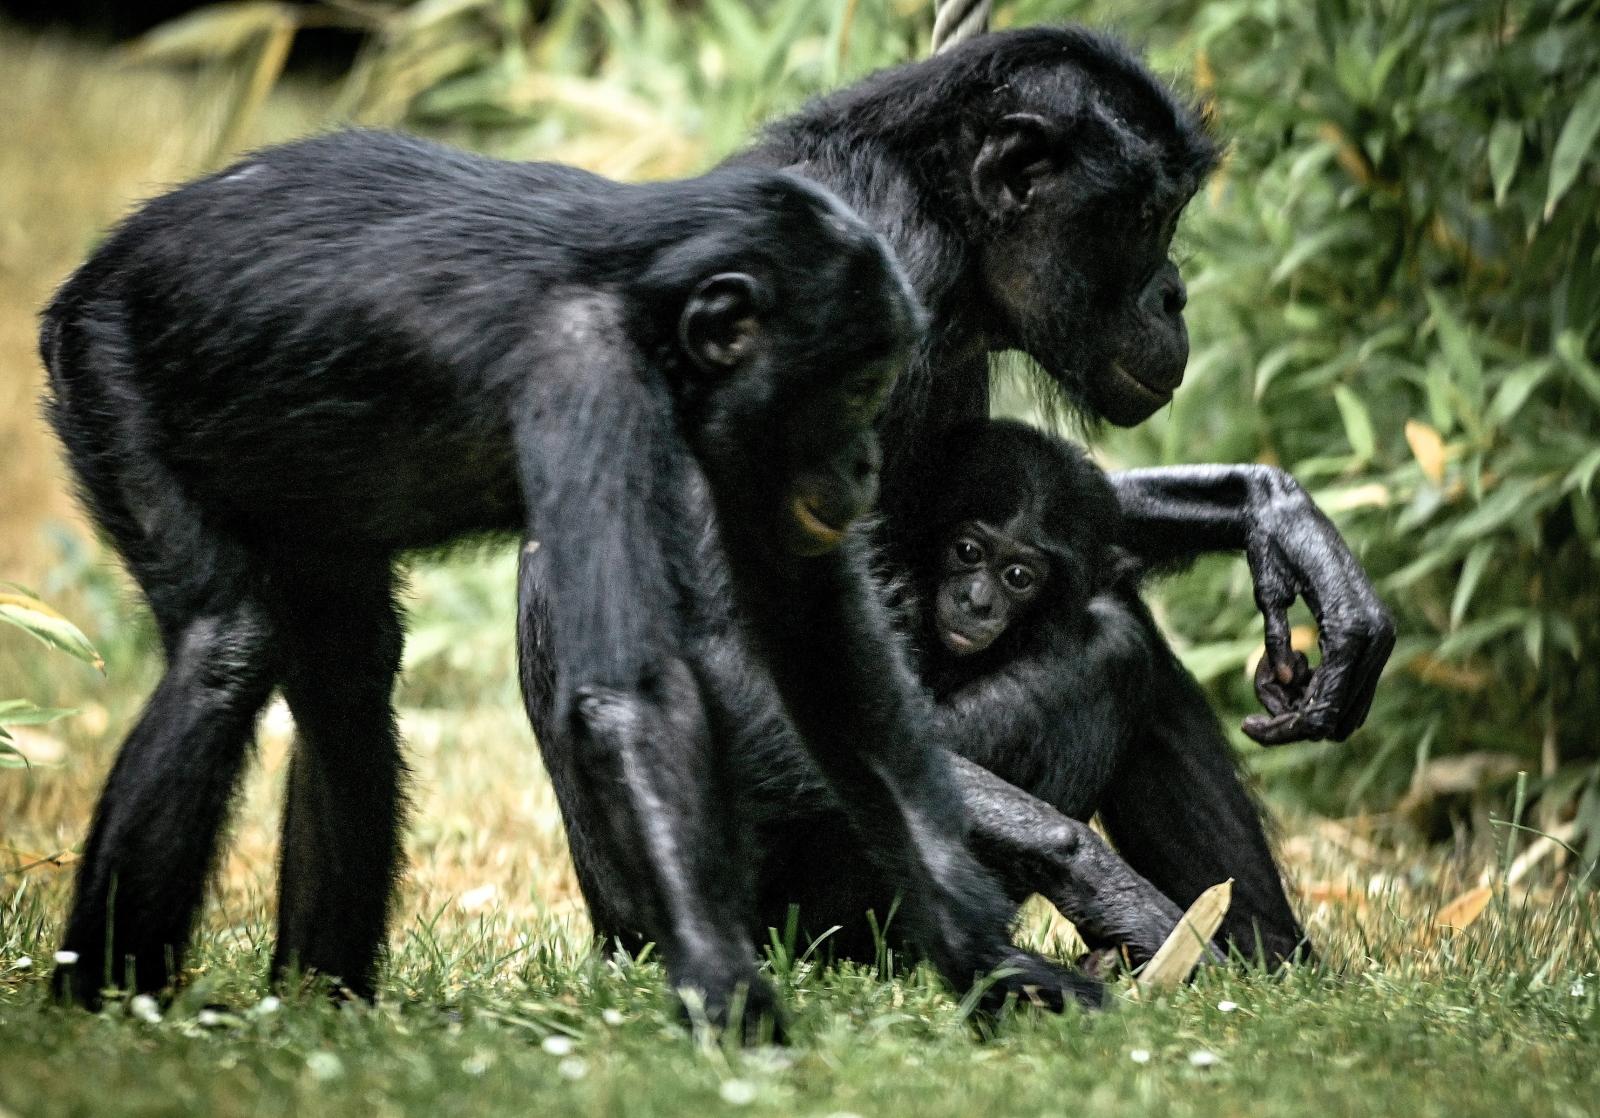 Rodzina szympansów bonobo w zoo w Kolonii w Niemczech Fot. PAP/EPA/SASCHA STEINBACH